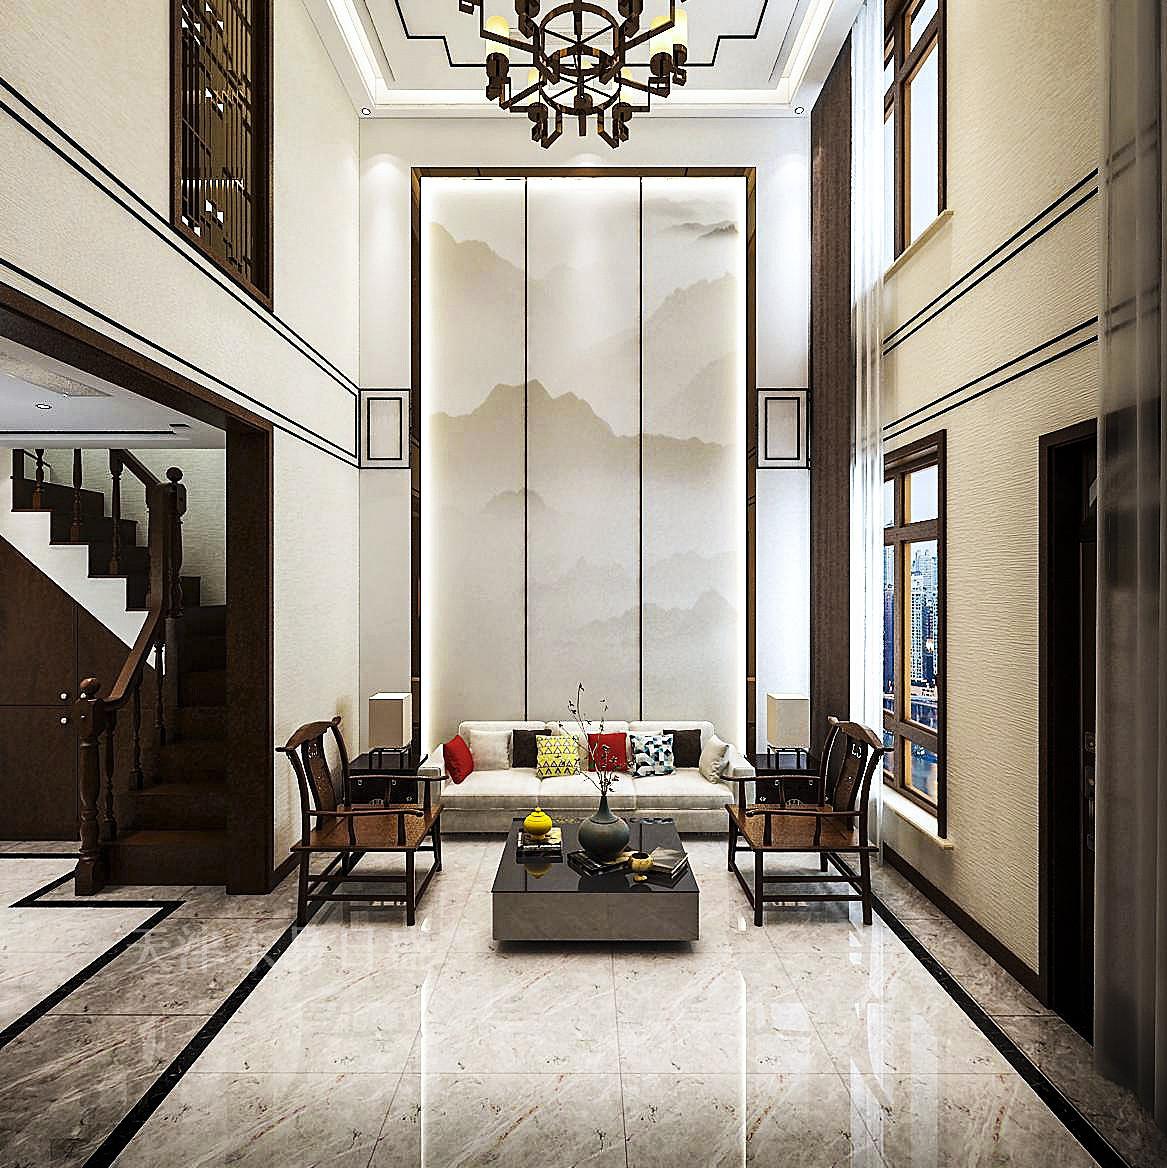 200平新中式大气别墅装修,温馨柔和,雅致风格!科雷阿尔别墅图片